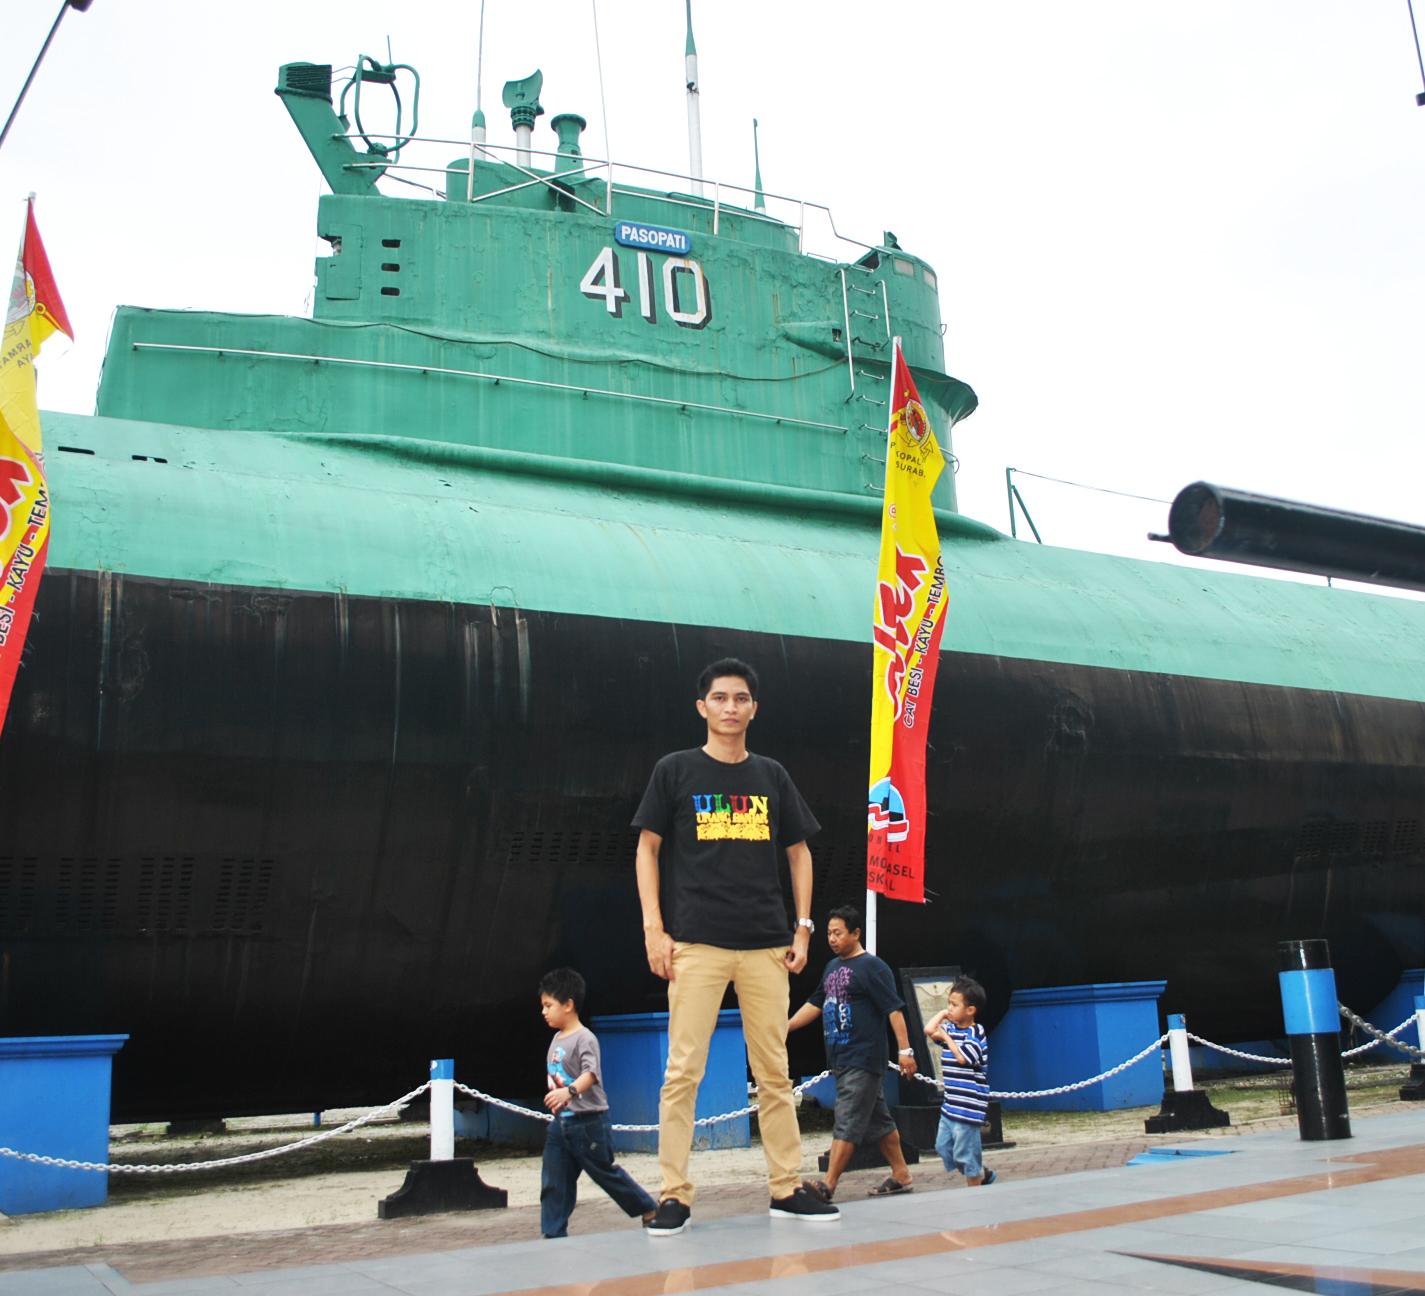 Monumen Kapal Selam Monkasel Surabaya Sahrul Khair Beliau Ditugaskan Memajang